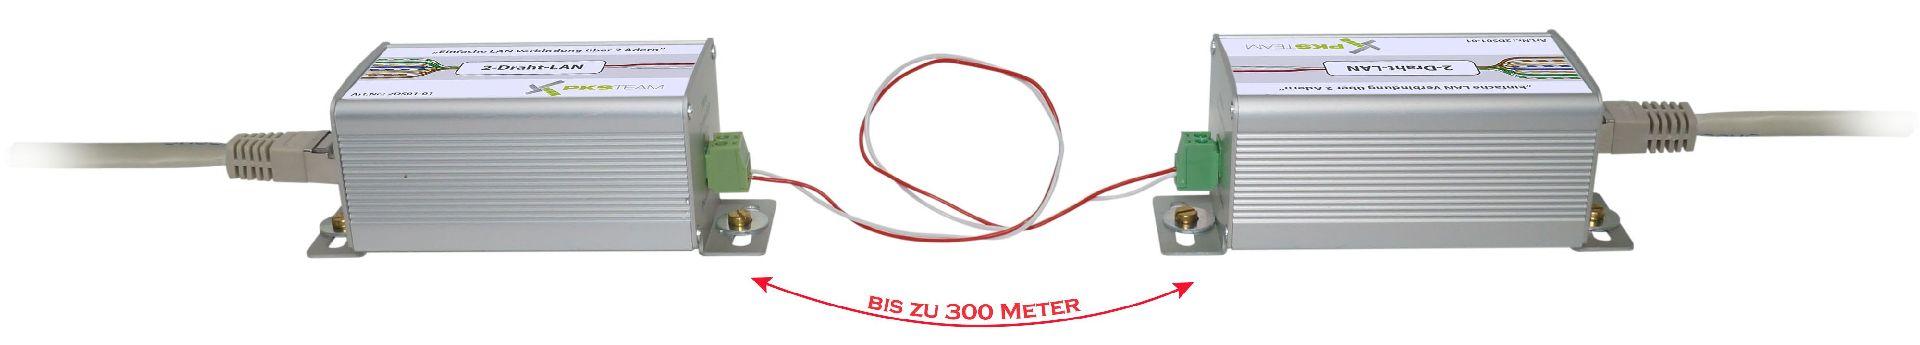 Groß 220 V Verkabelung 3 Drähte Galerie - Elektrische Schaltplan ...